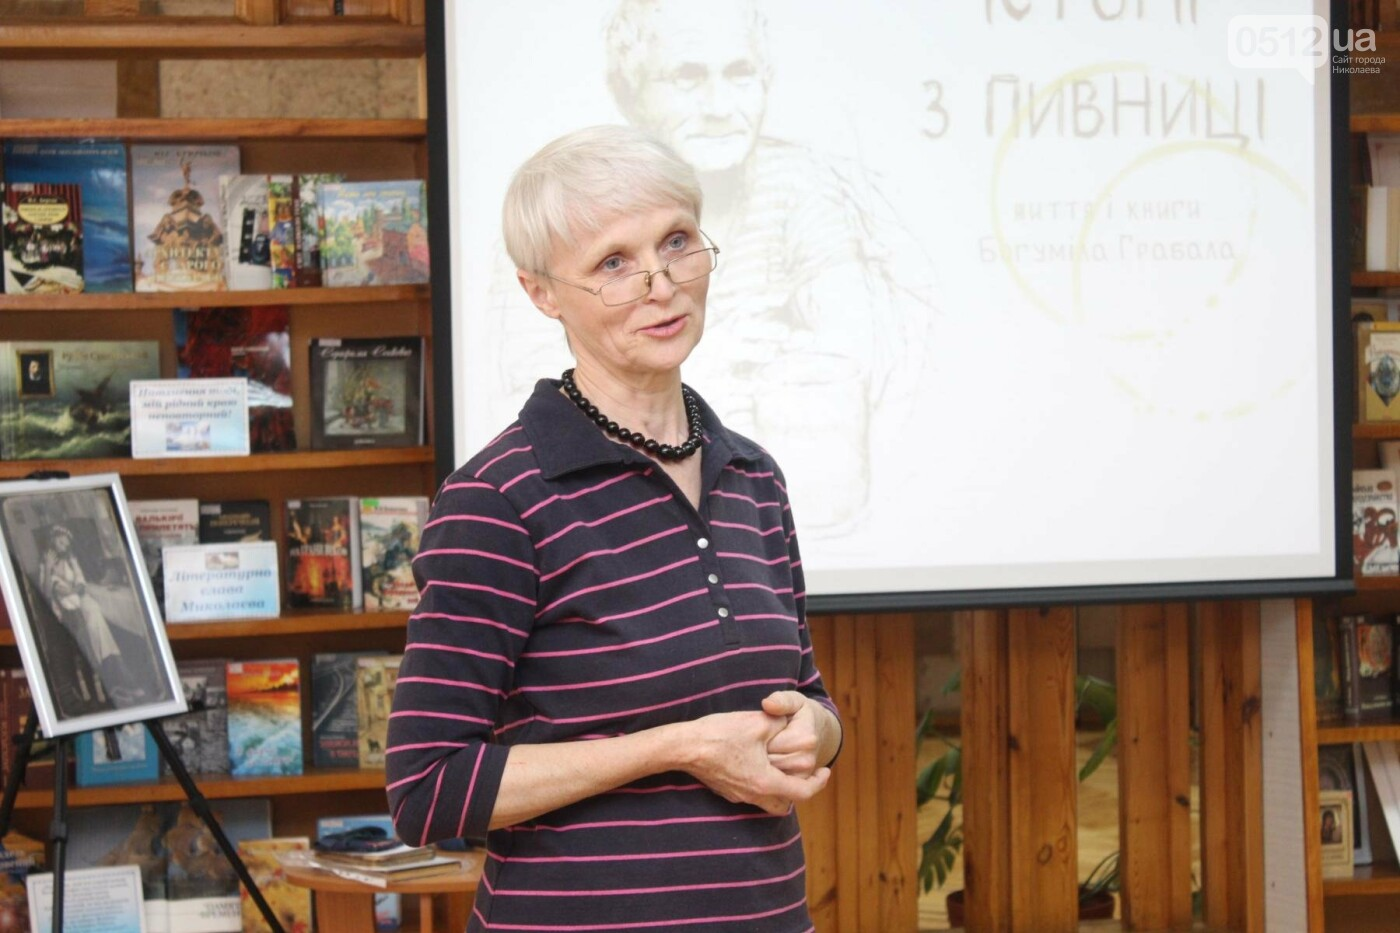 Пиво и котики: в Николаеской библиотеке состоялось литературное ревью, - ФОТО, фото-1